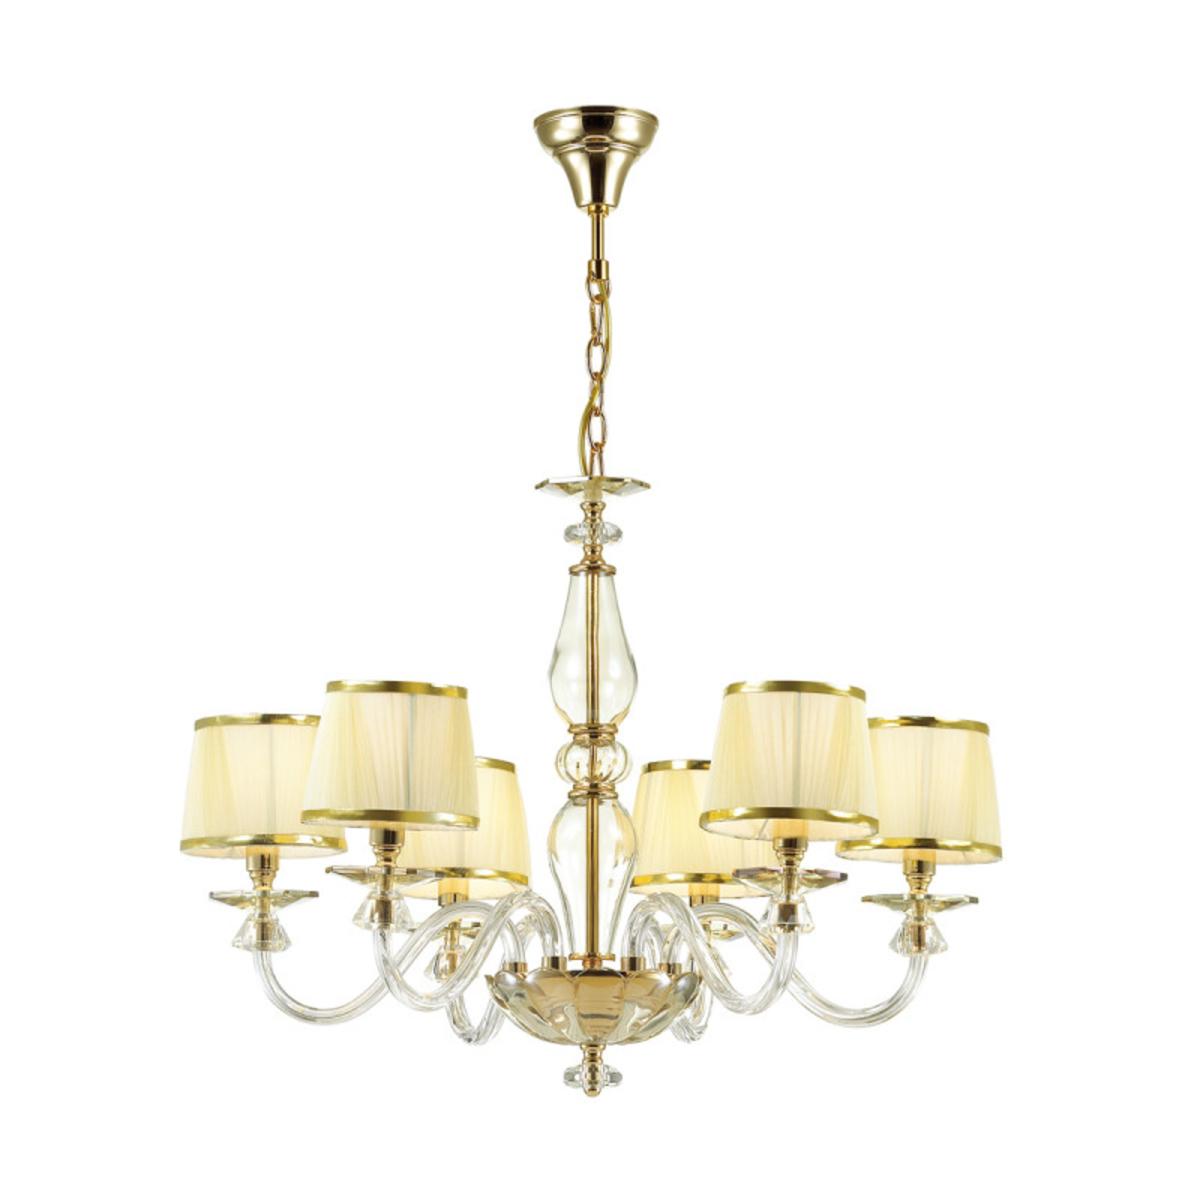 Купить Подвесная люстра Amalia Подвесная люстра Odeon Light 4198/6 (15508), HomeMe